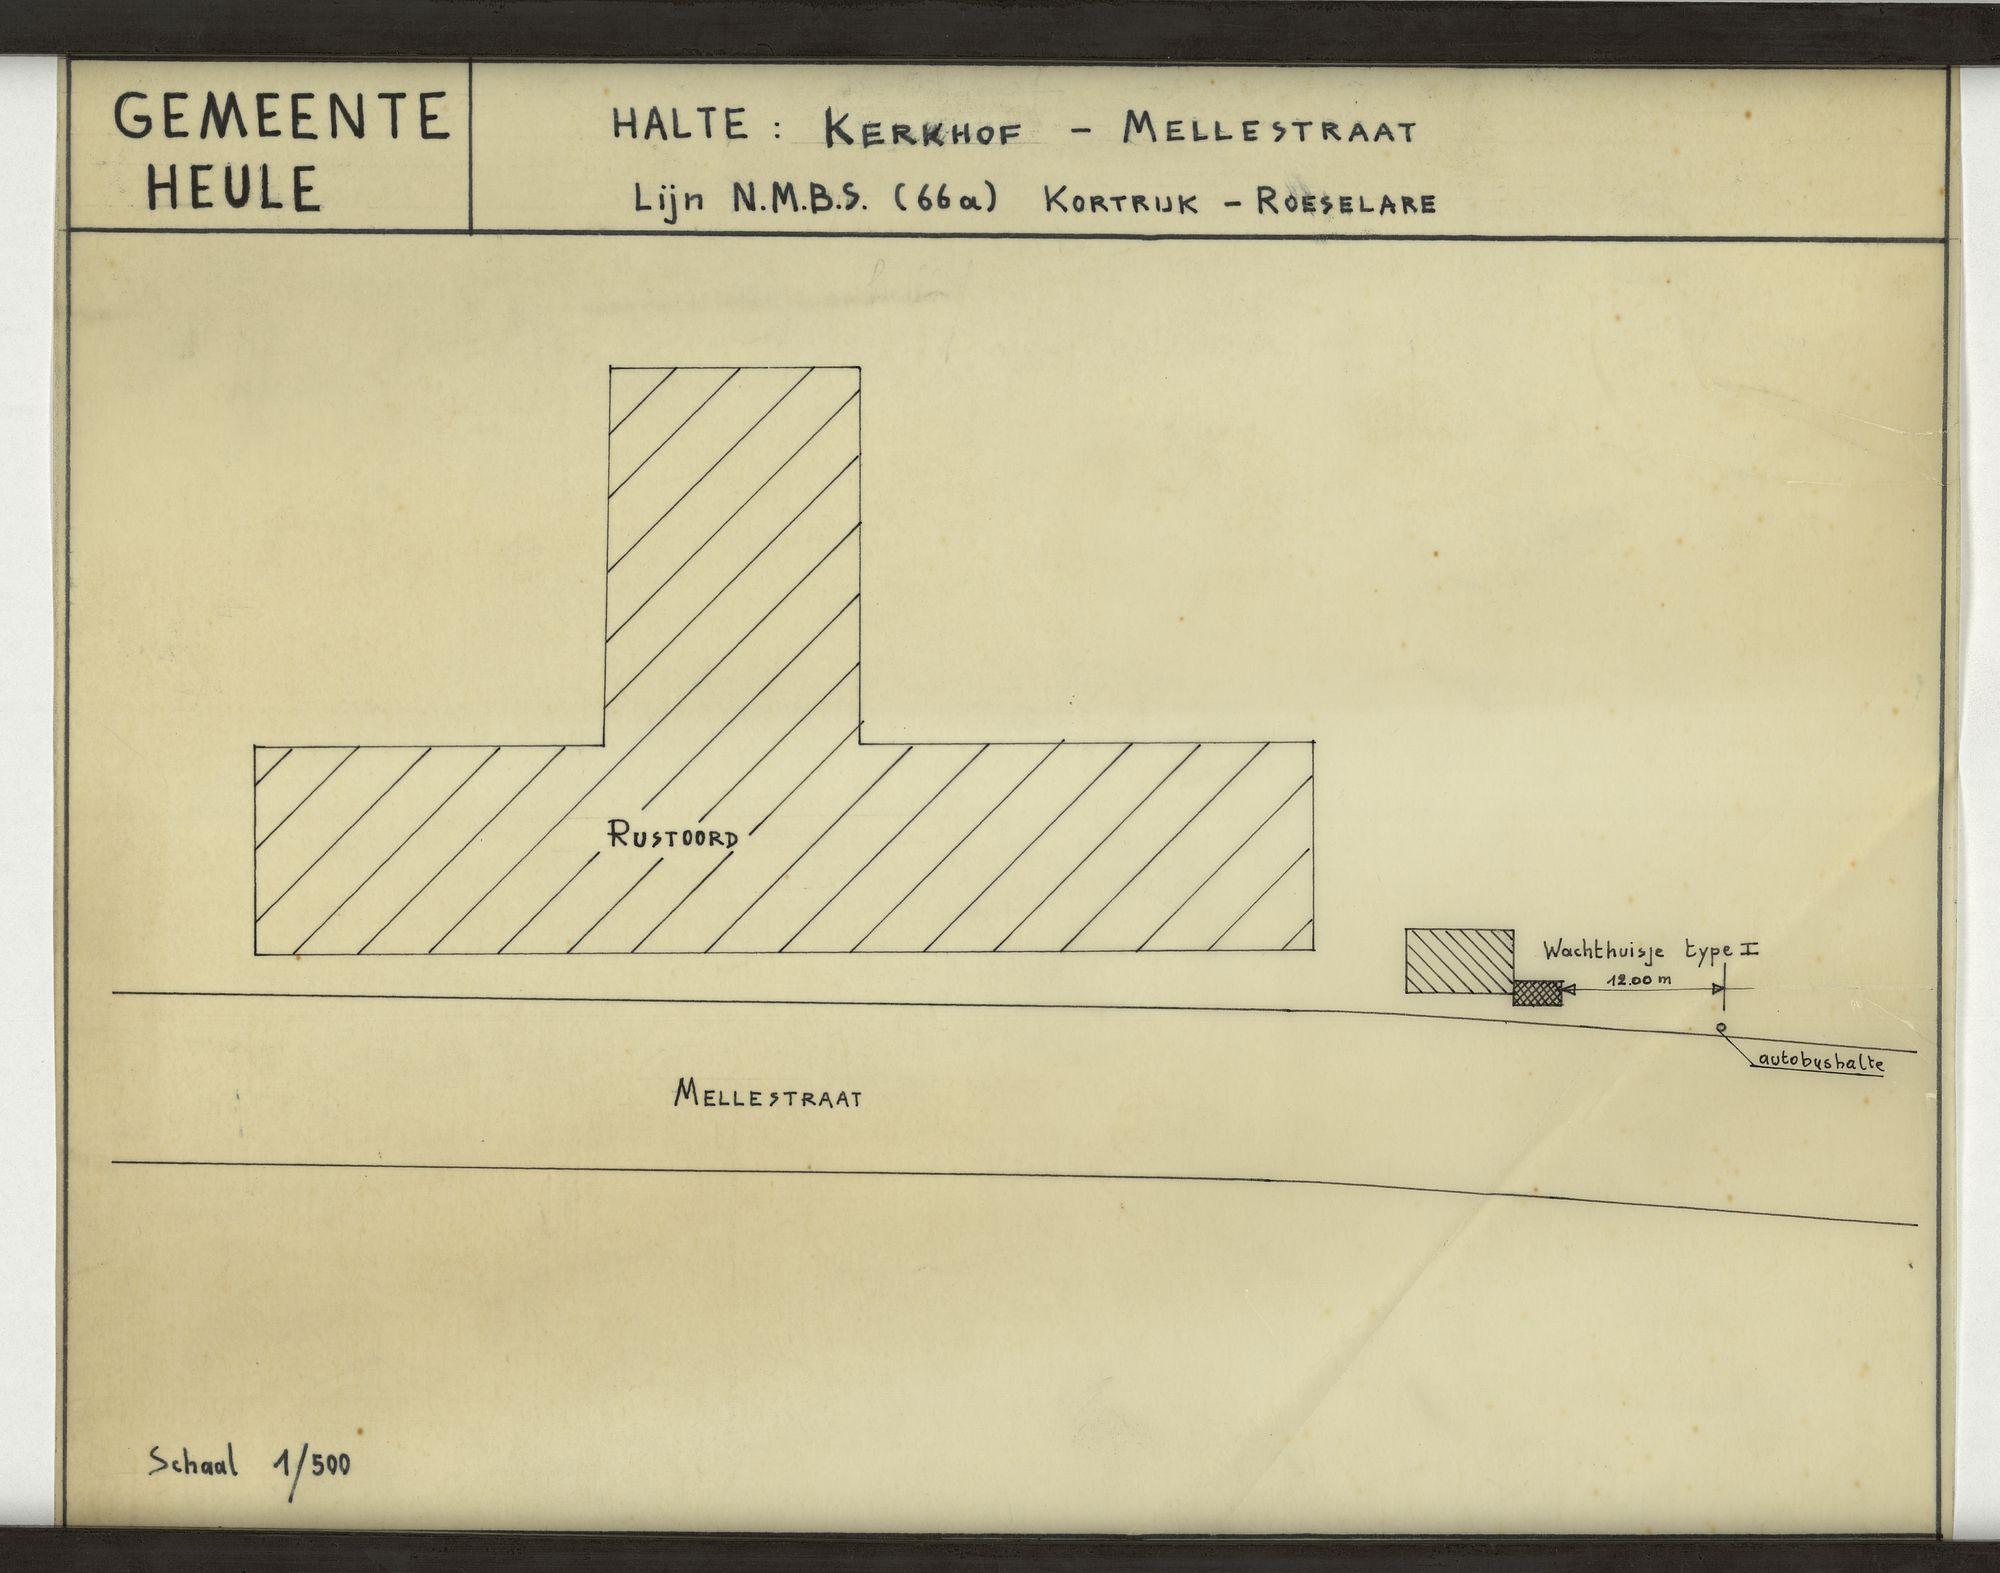 Plan van de bushalte Kerkhof-Mellestraat op de lijn Kortrijk-Roeselare te Heule, 2de helft 20ste eeuw